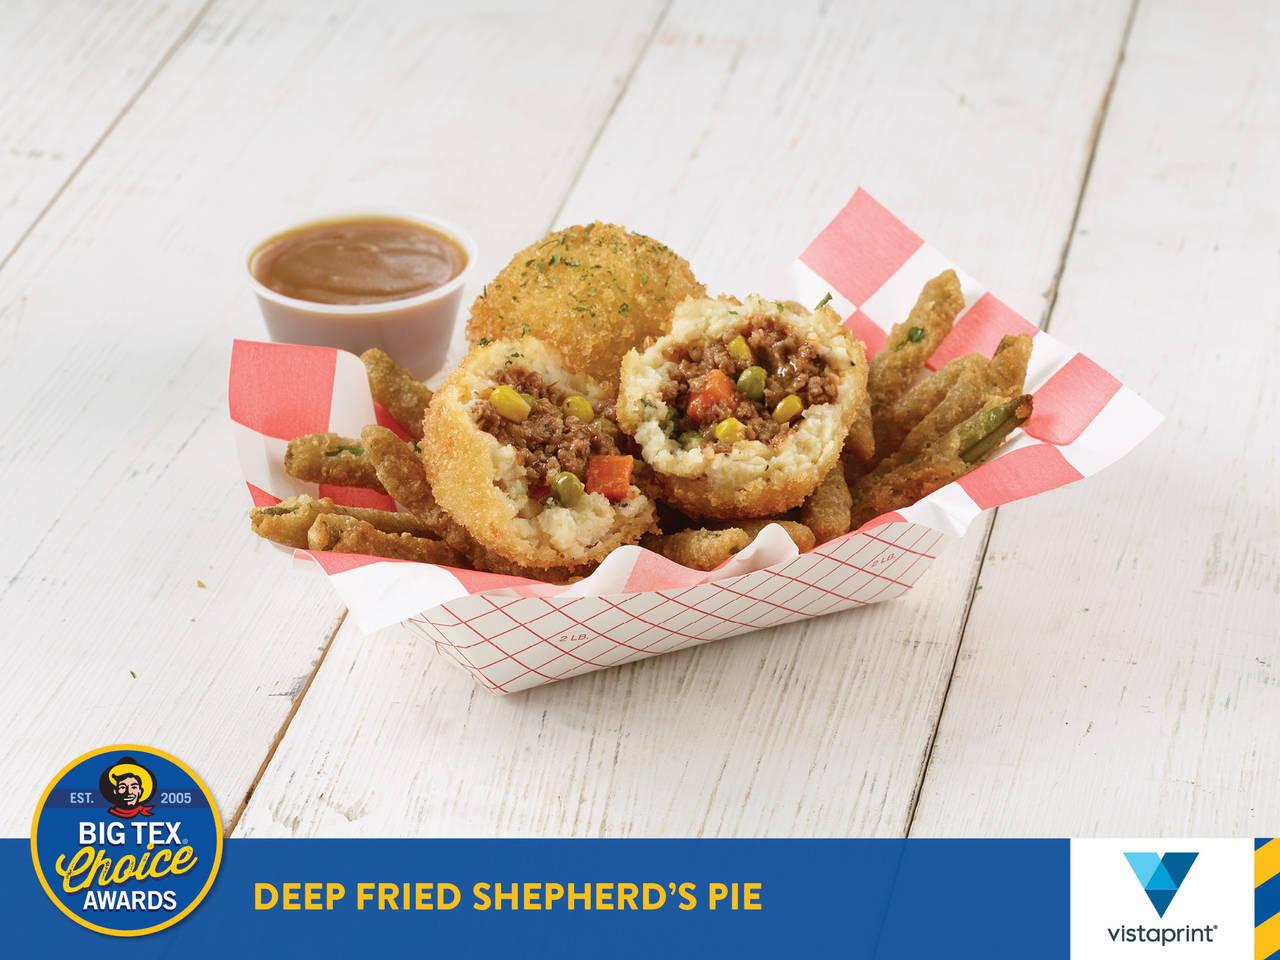 Deep Fried Shepherd's Pie - Clint Probst_1534366382627.jpg.jpg